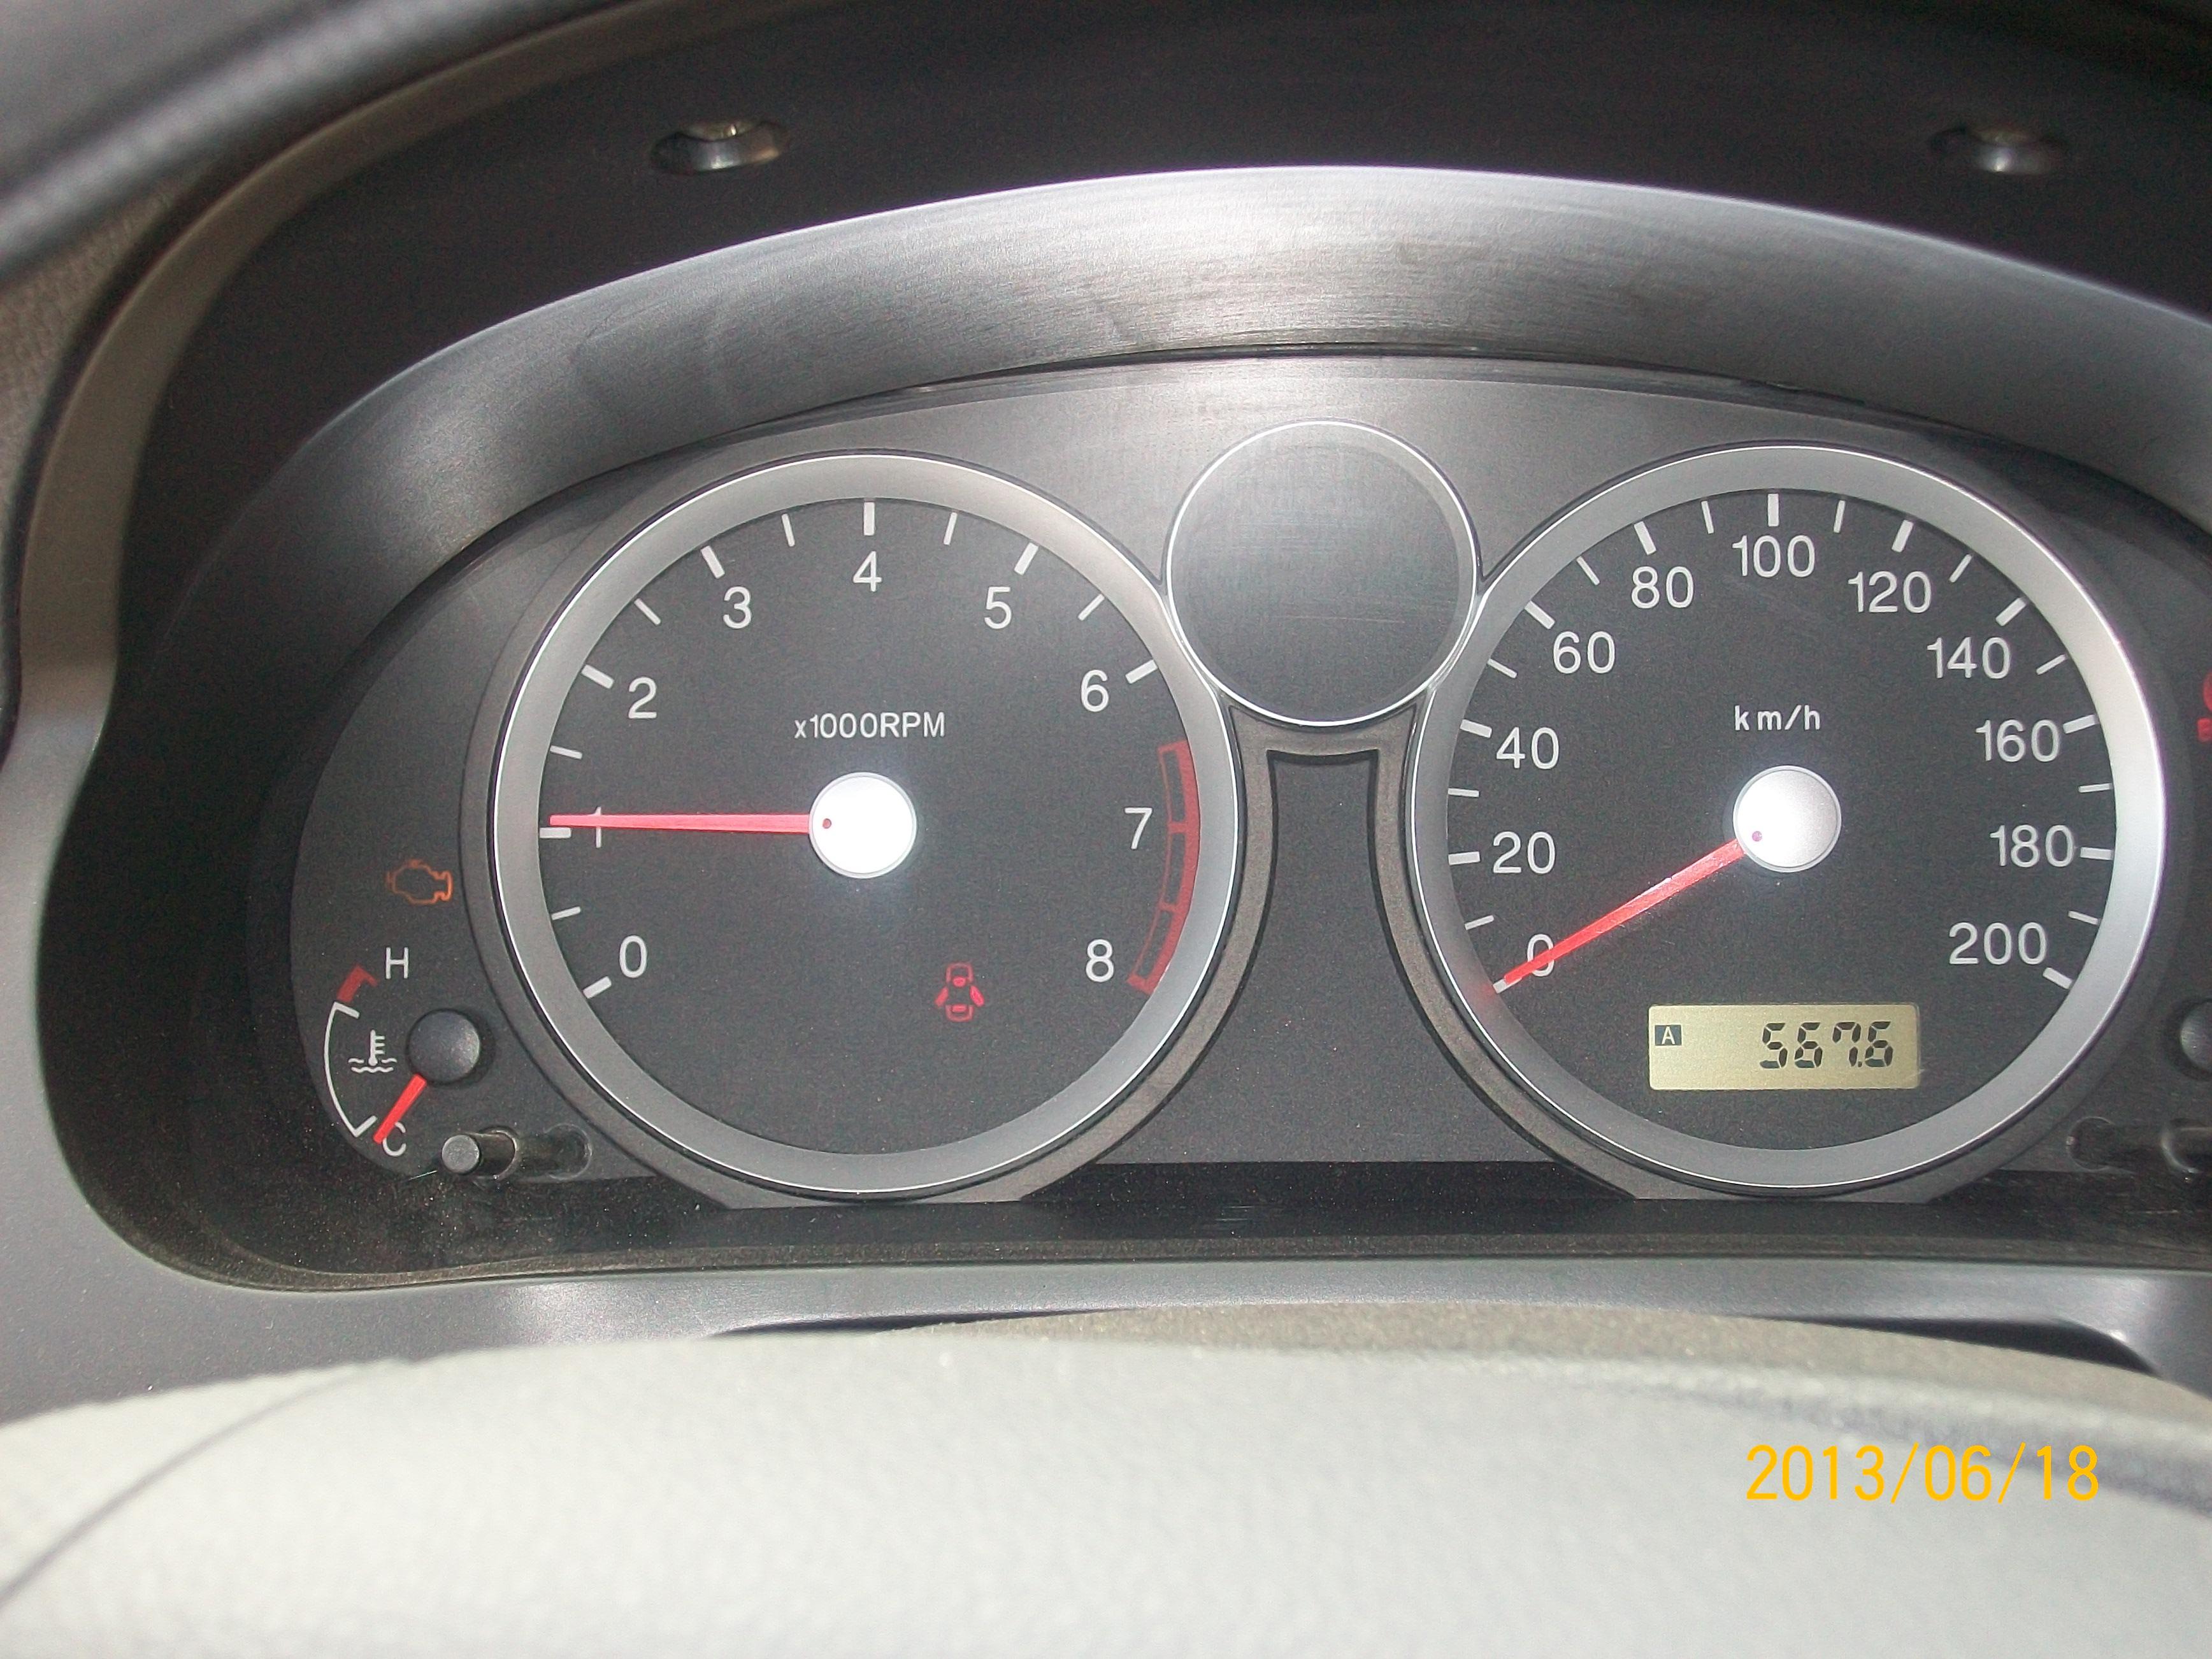 奇瑞A3行驶中发动机故障灯亮,每个档位加油时车发抖,请教懂车的高清图片